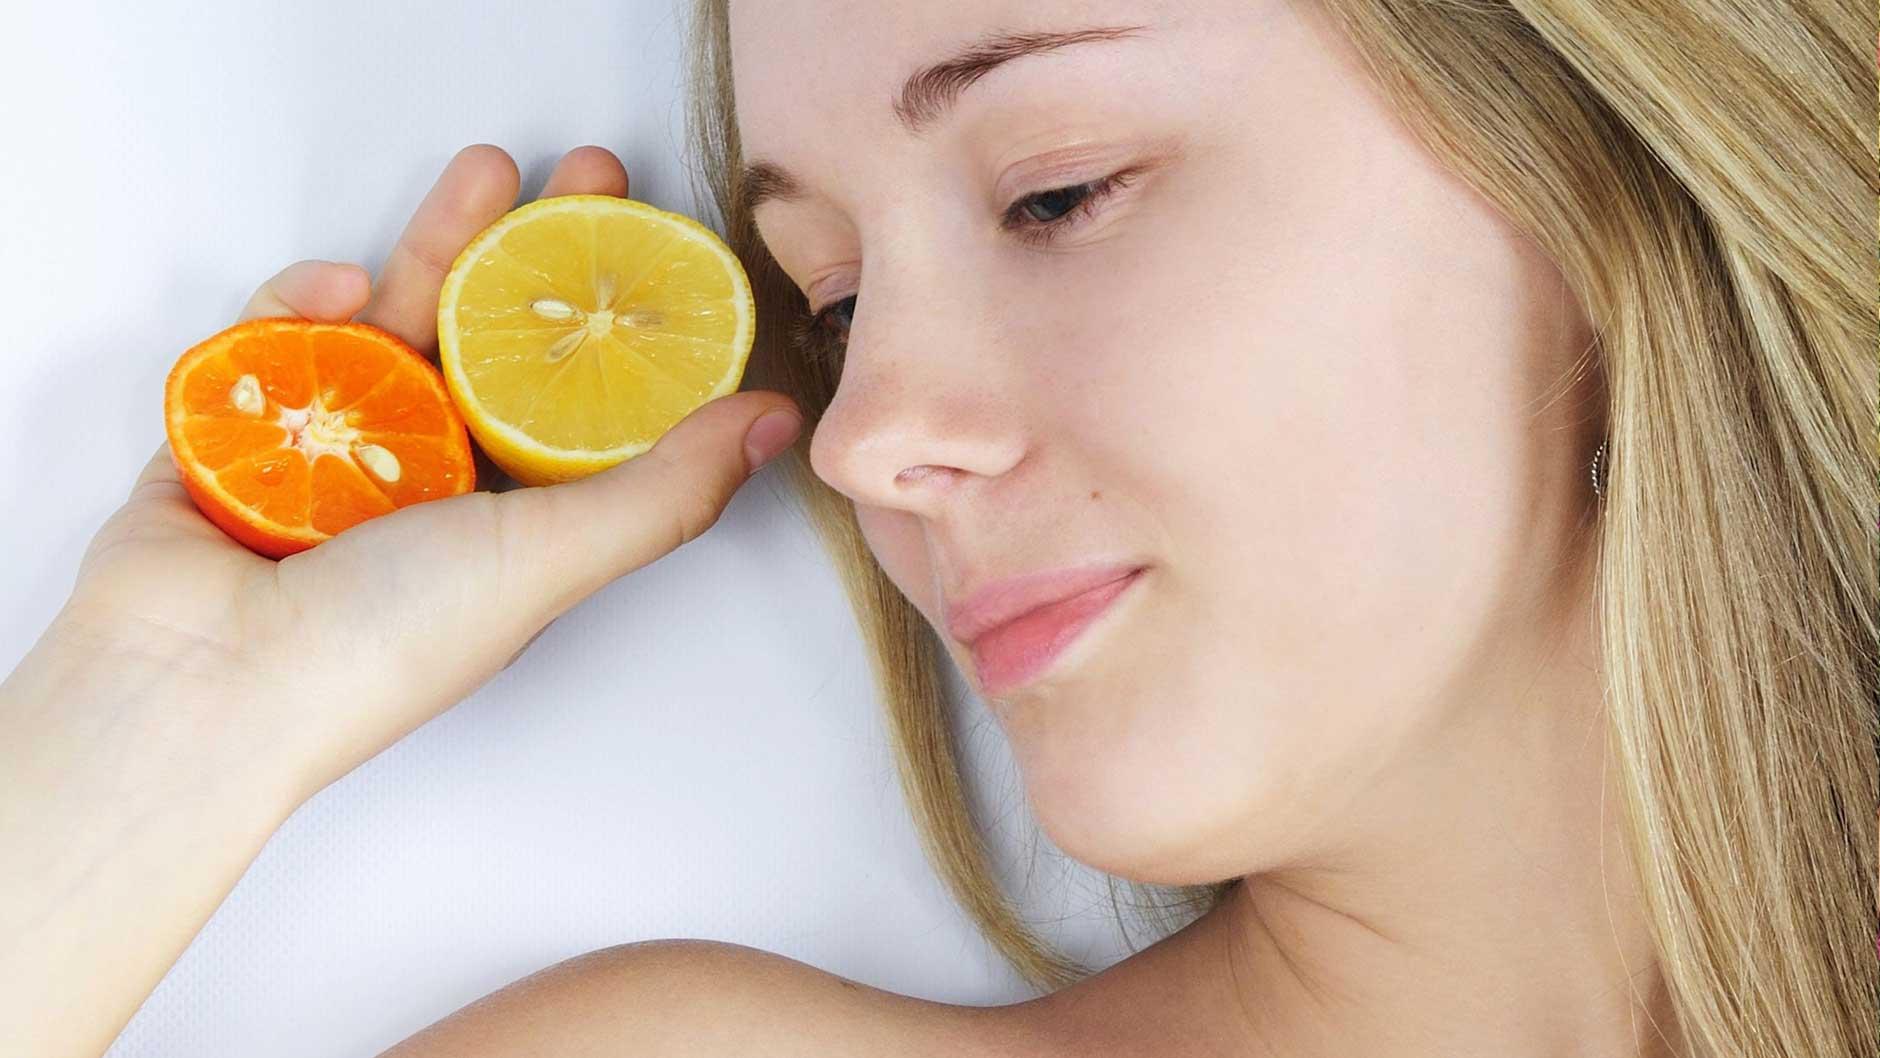 Malerisch Haarkur Selber Machen Foto Von Orangen-zitronen-buttermilch-haarkur